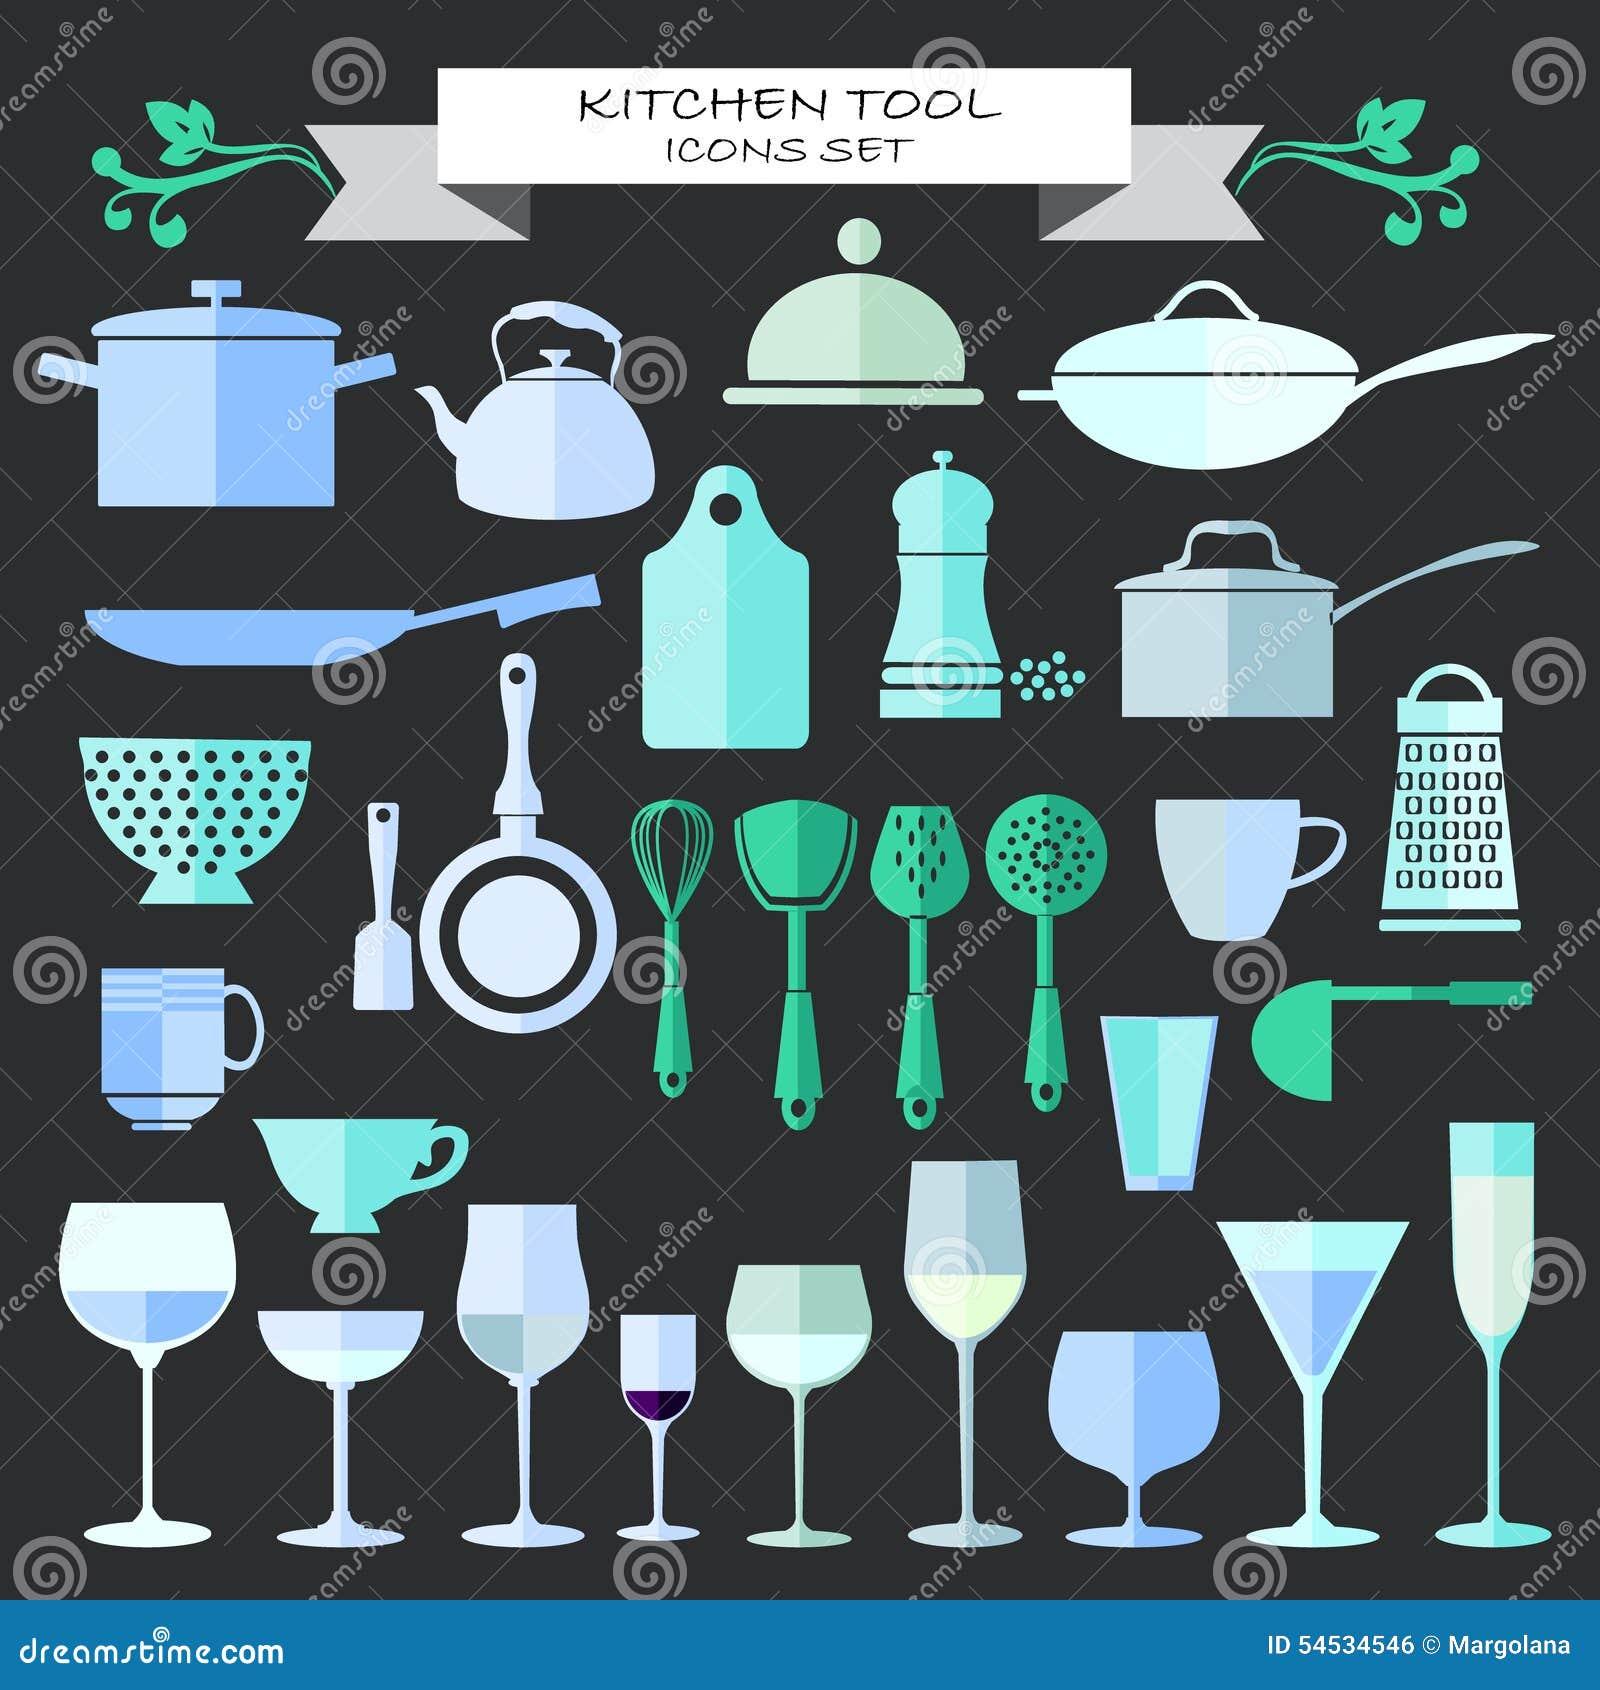 Art culos de cocina y restaurante iconos de la for Articulos para restaurantes